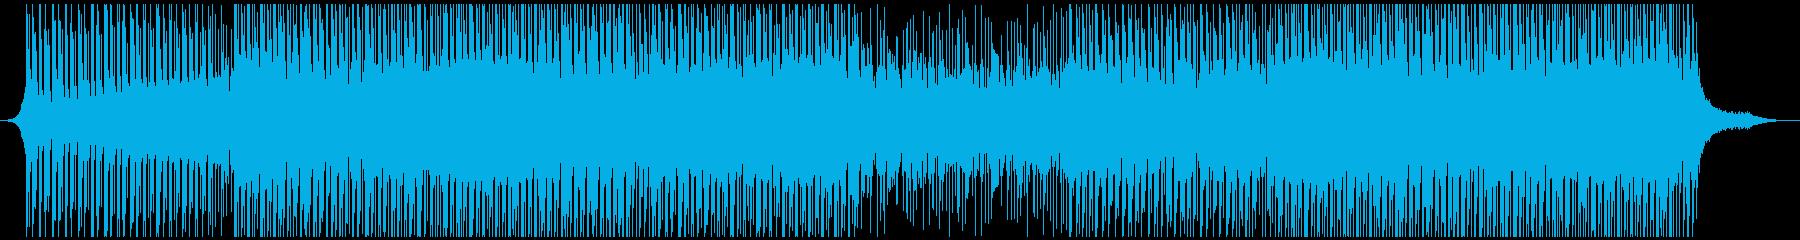 ハッピーの再生済みの波形